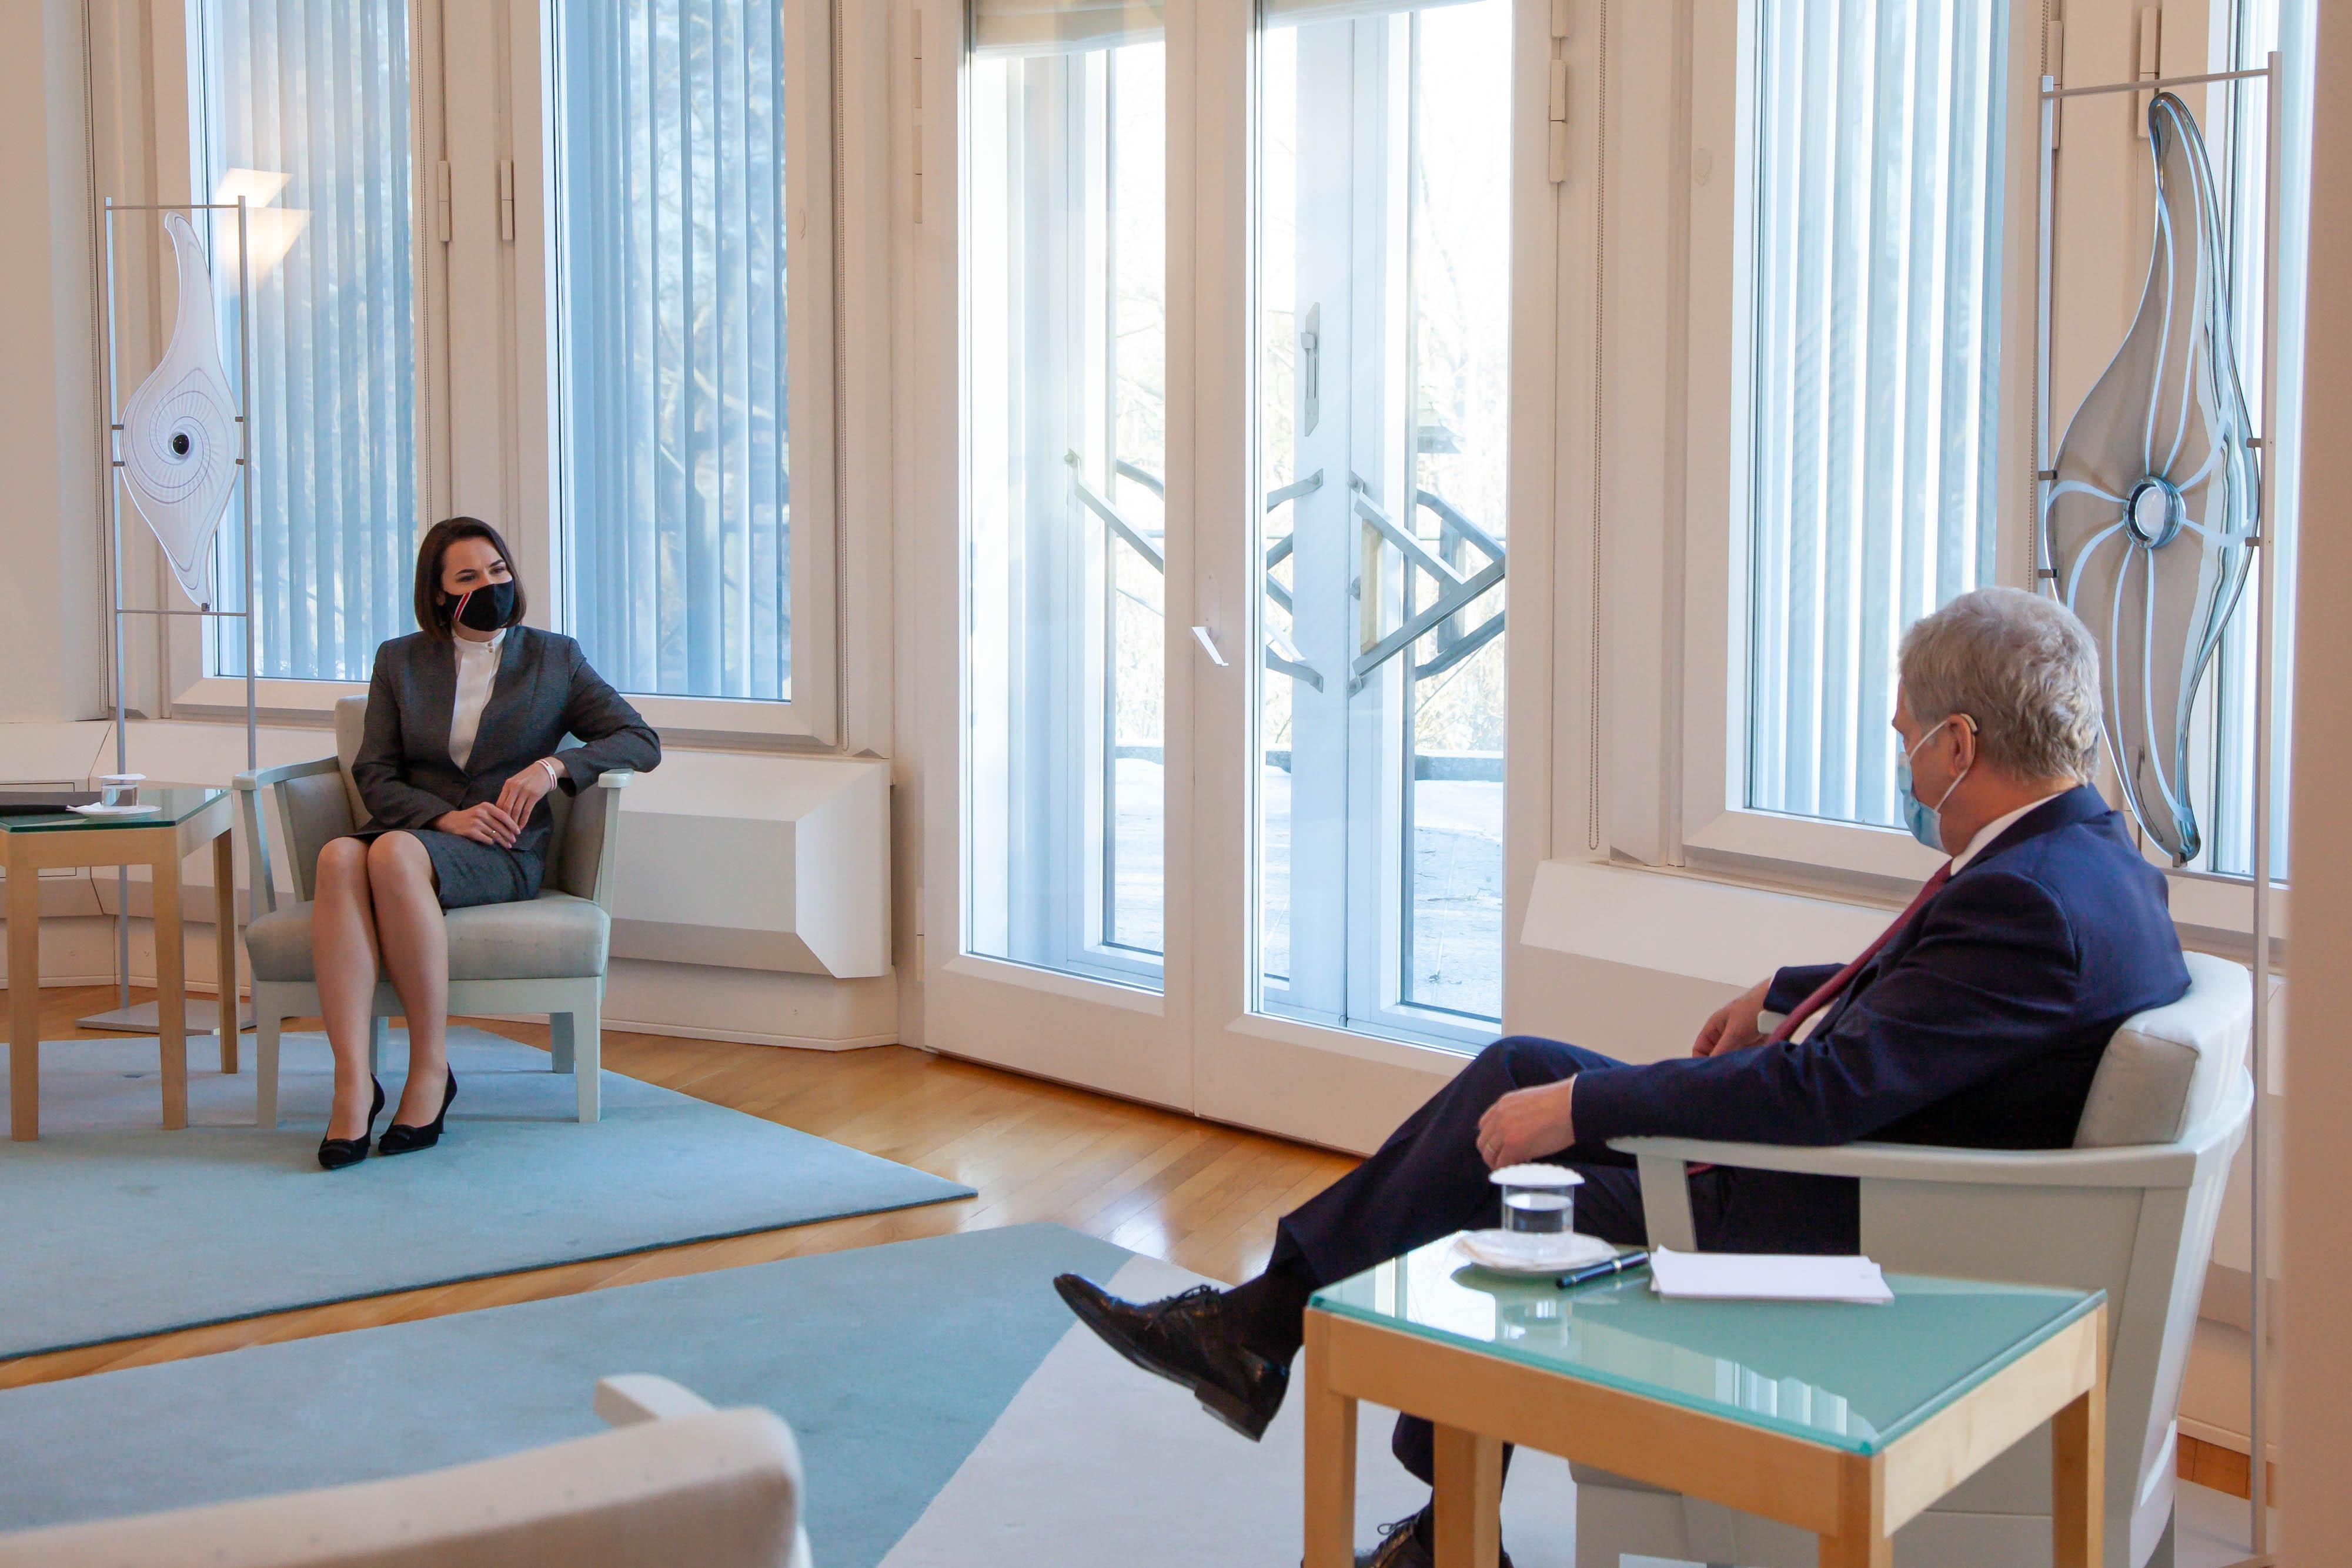 Tasavallan presidentti Sauli Niinistö tapasi Valko-Venäjän opposition johtohahmon Svjatlana Tsihanouskajan tiistaina 2. maaliskuuta 2021 Mäntyniemessä.